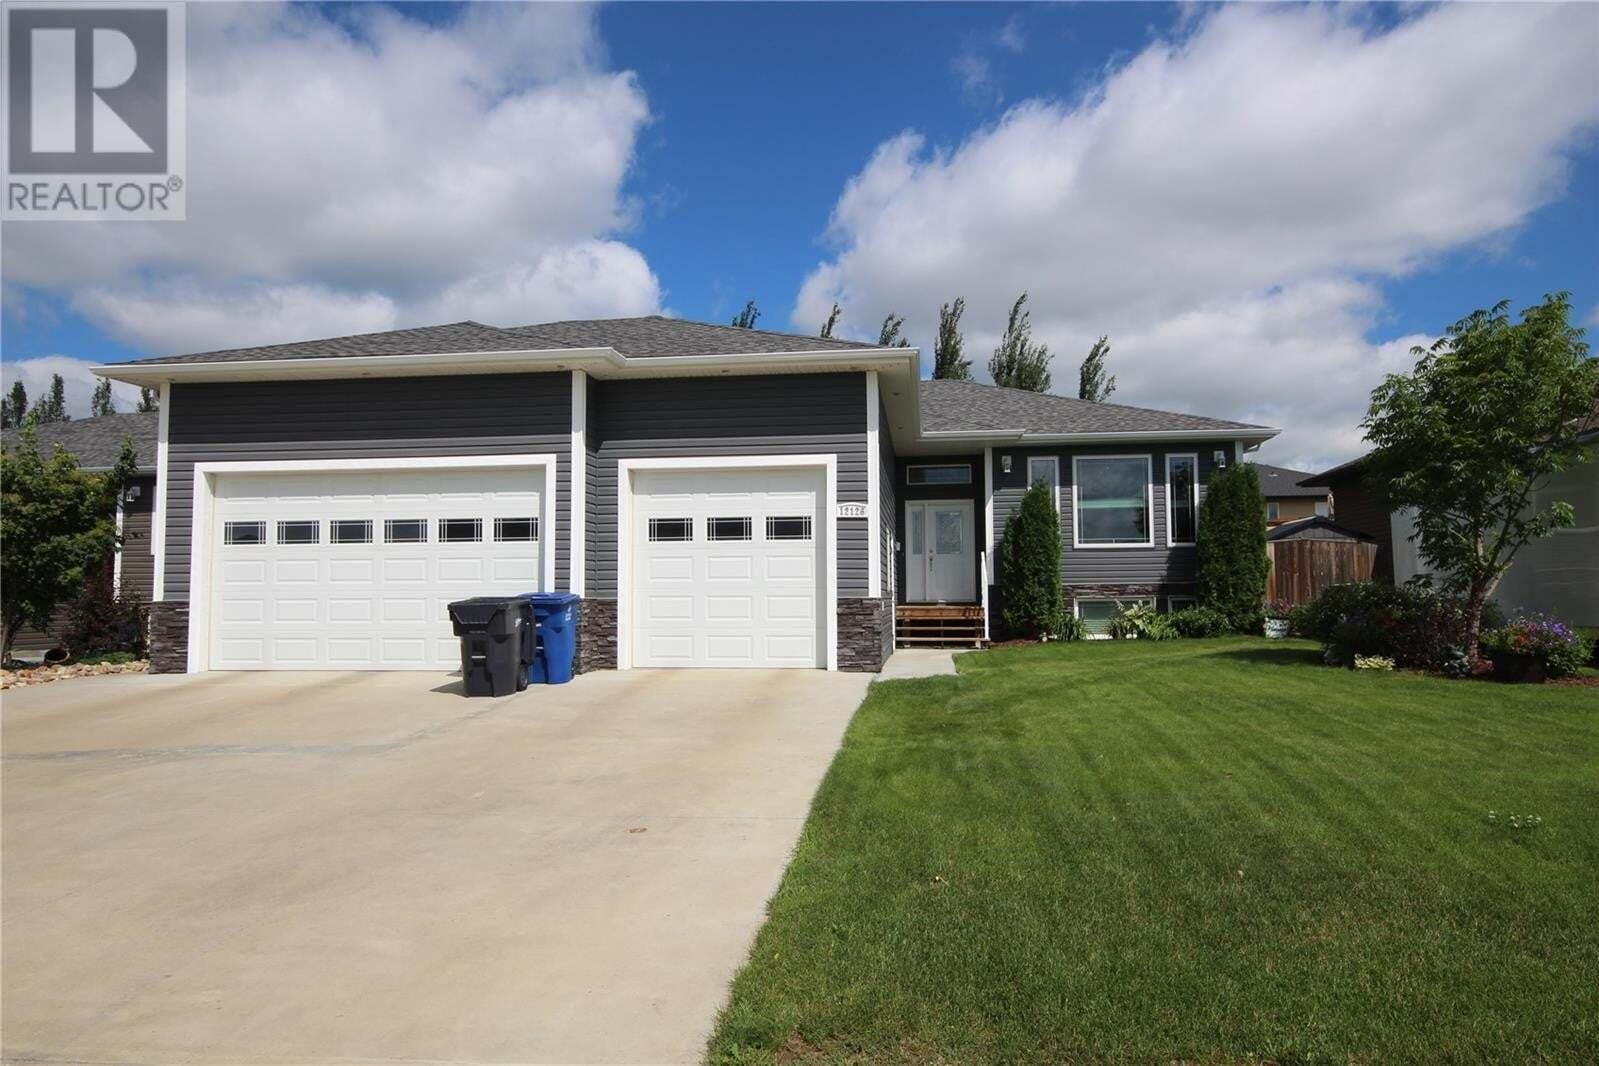 House for sale at 12126 Battle Springs Dr Battleford Saskatchewan - MLS: SK818520